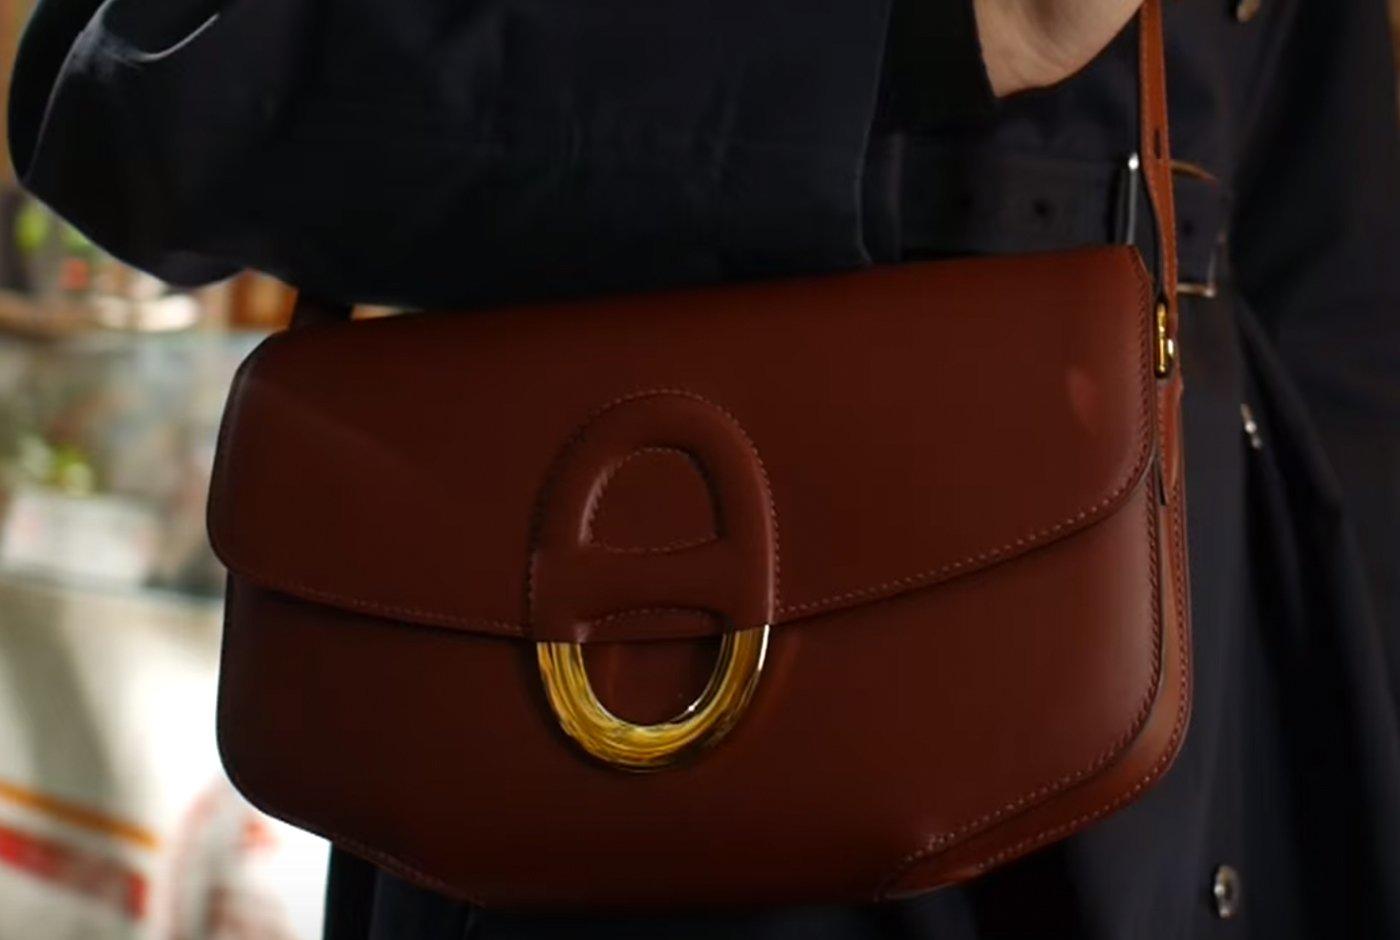 Hermes-Cherche-Midi-Bag-8